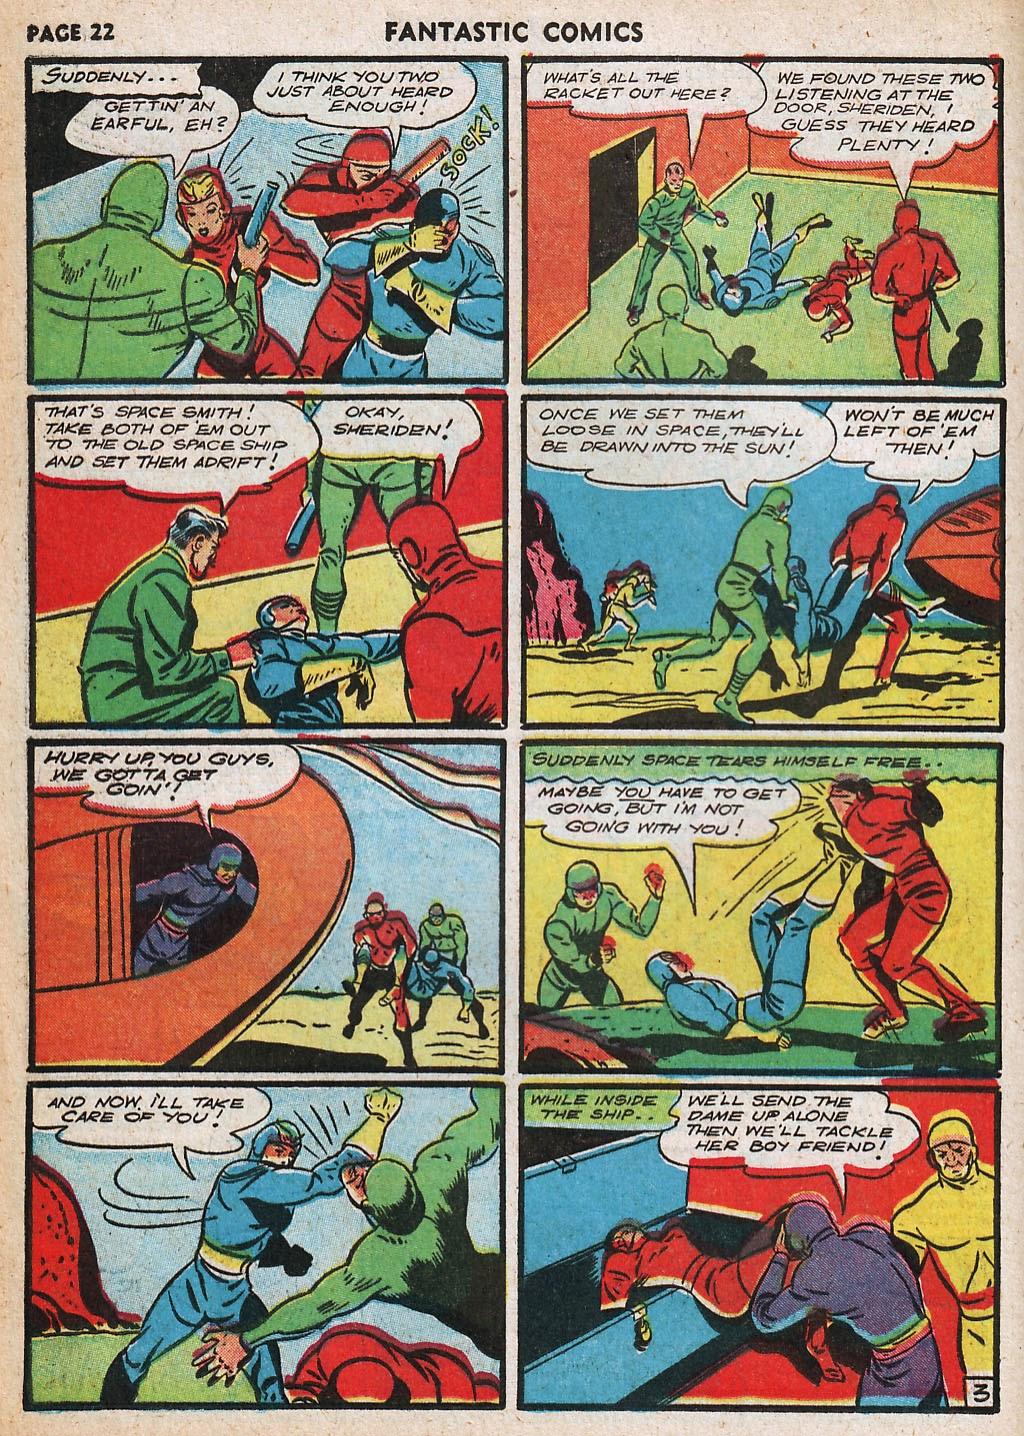 Read online Fantastic Comics comic -  Issue #20 - 23